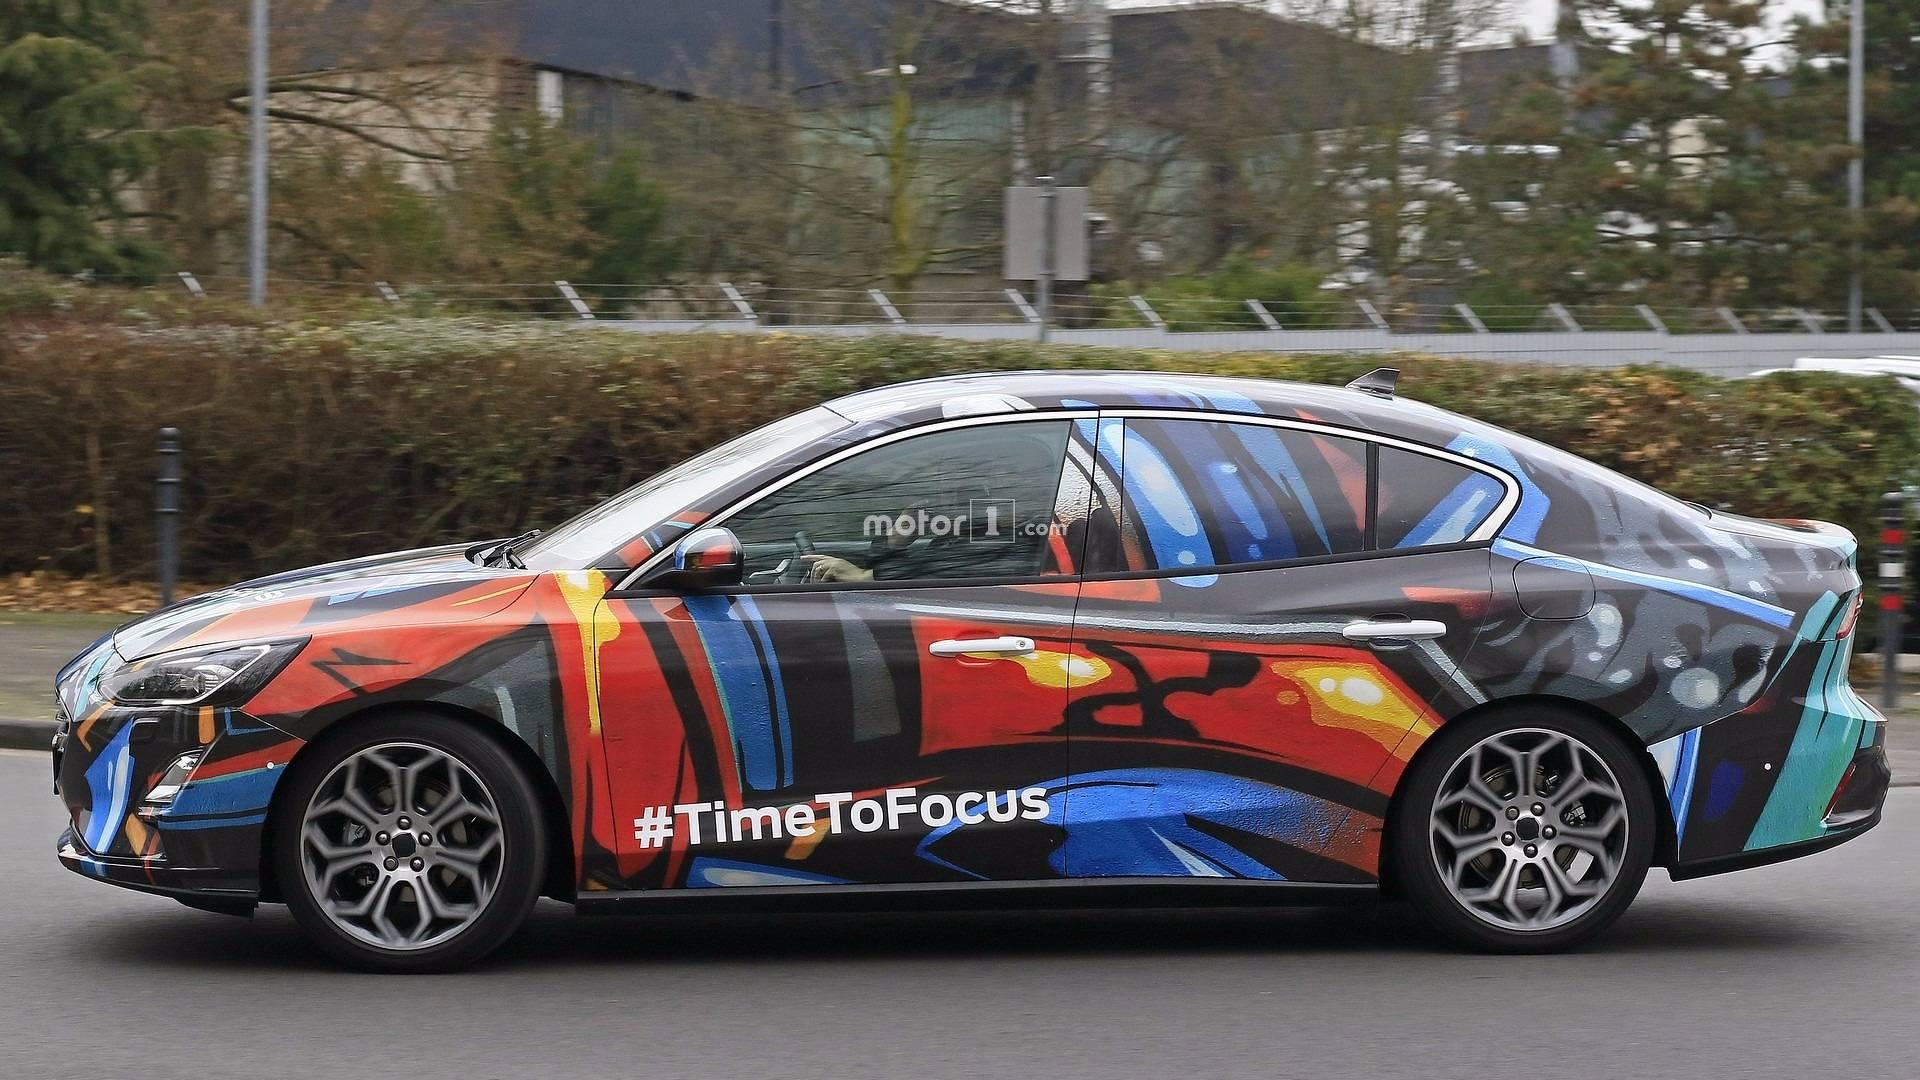 2019-ford-focus-sedan-spy-photo